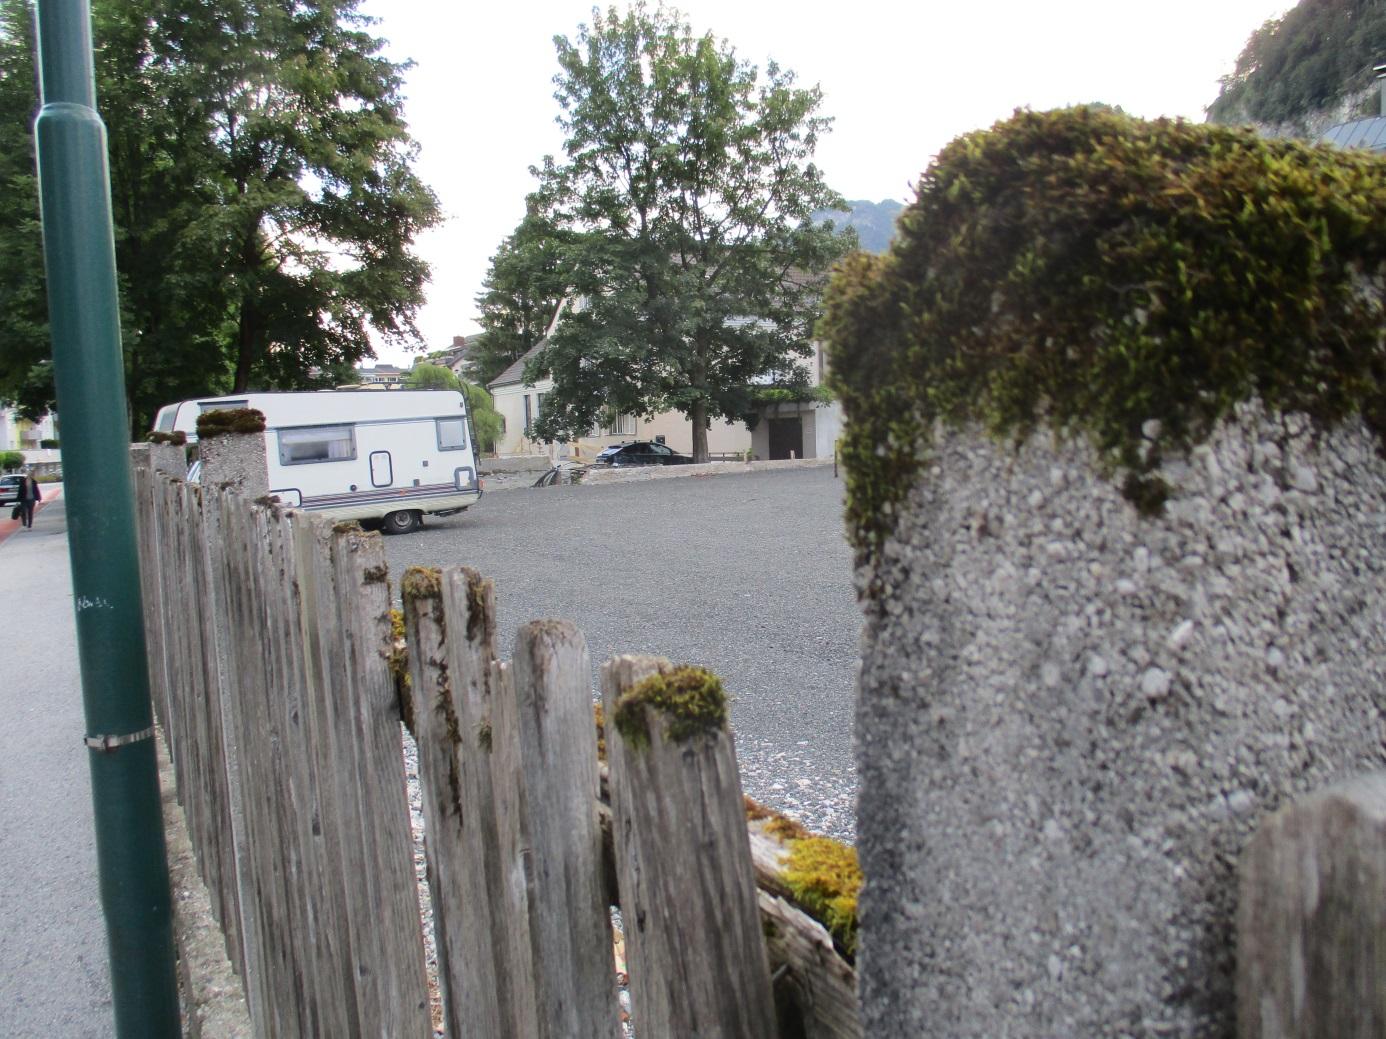 Demolition Concrete Poles : Schistidium caps an old wooden fence botanics stories